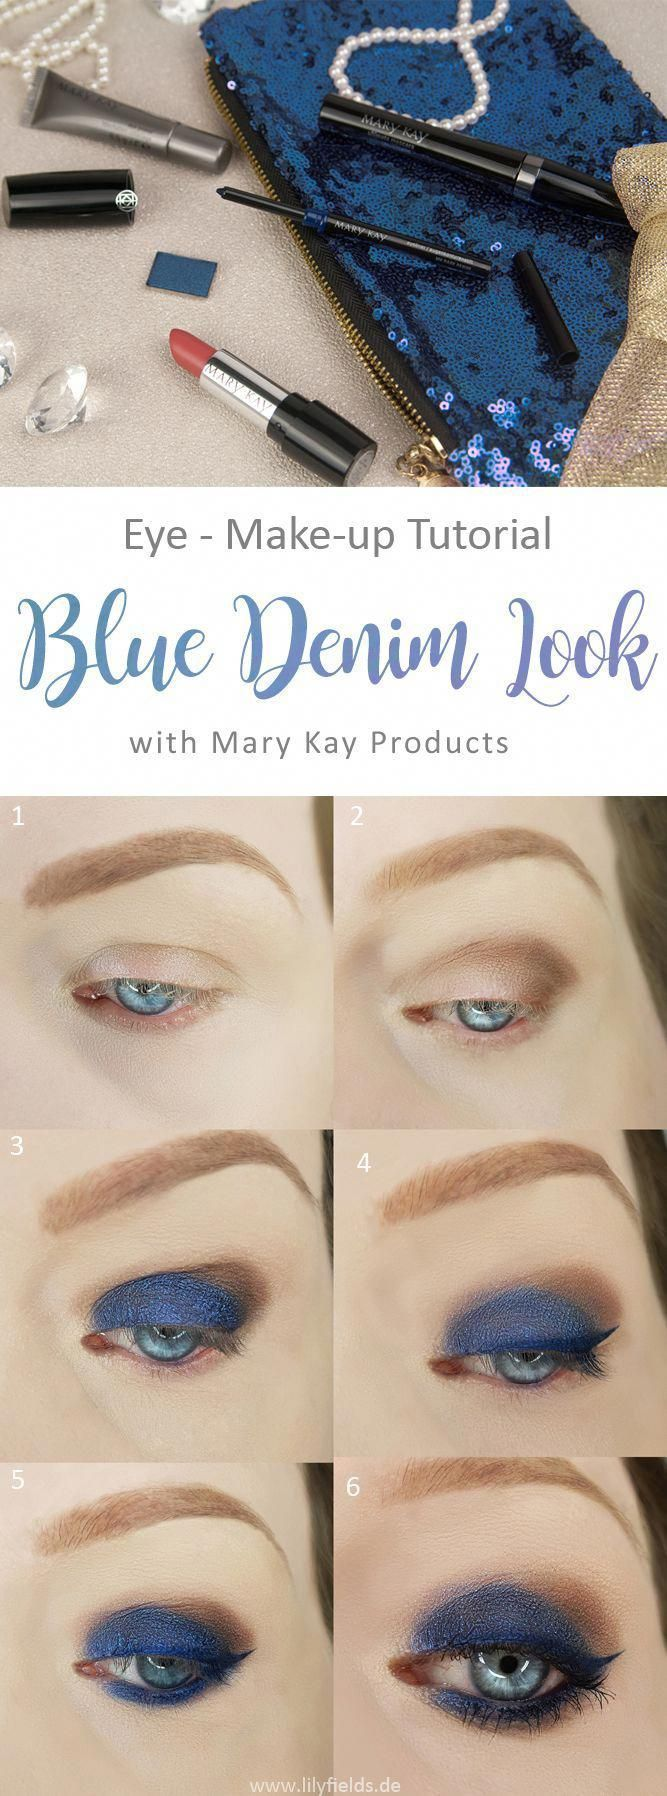 Tutorial de maquillaje de ojos en seis pasos. Guía paso a paso para B …